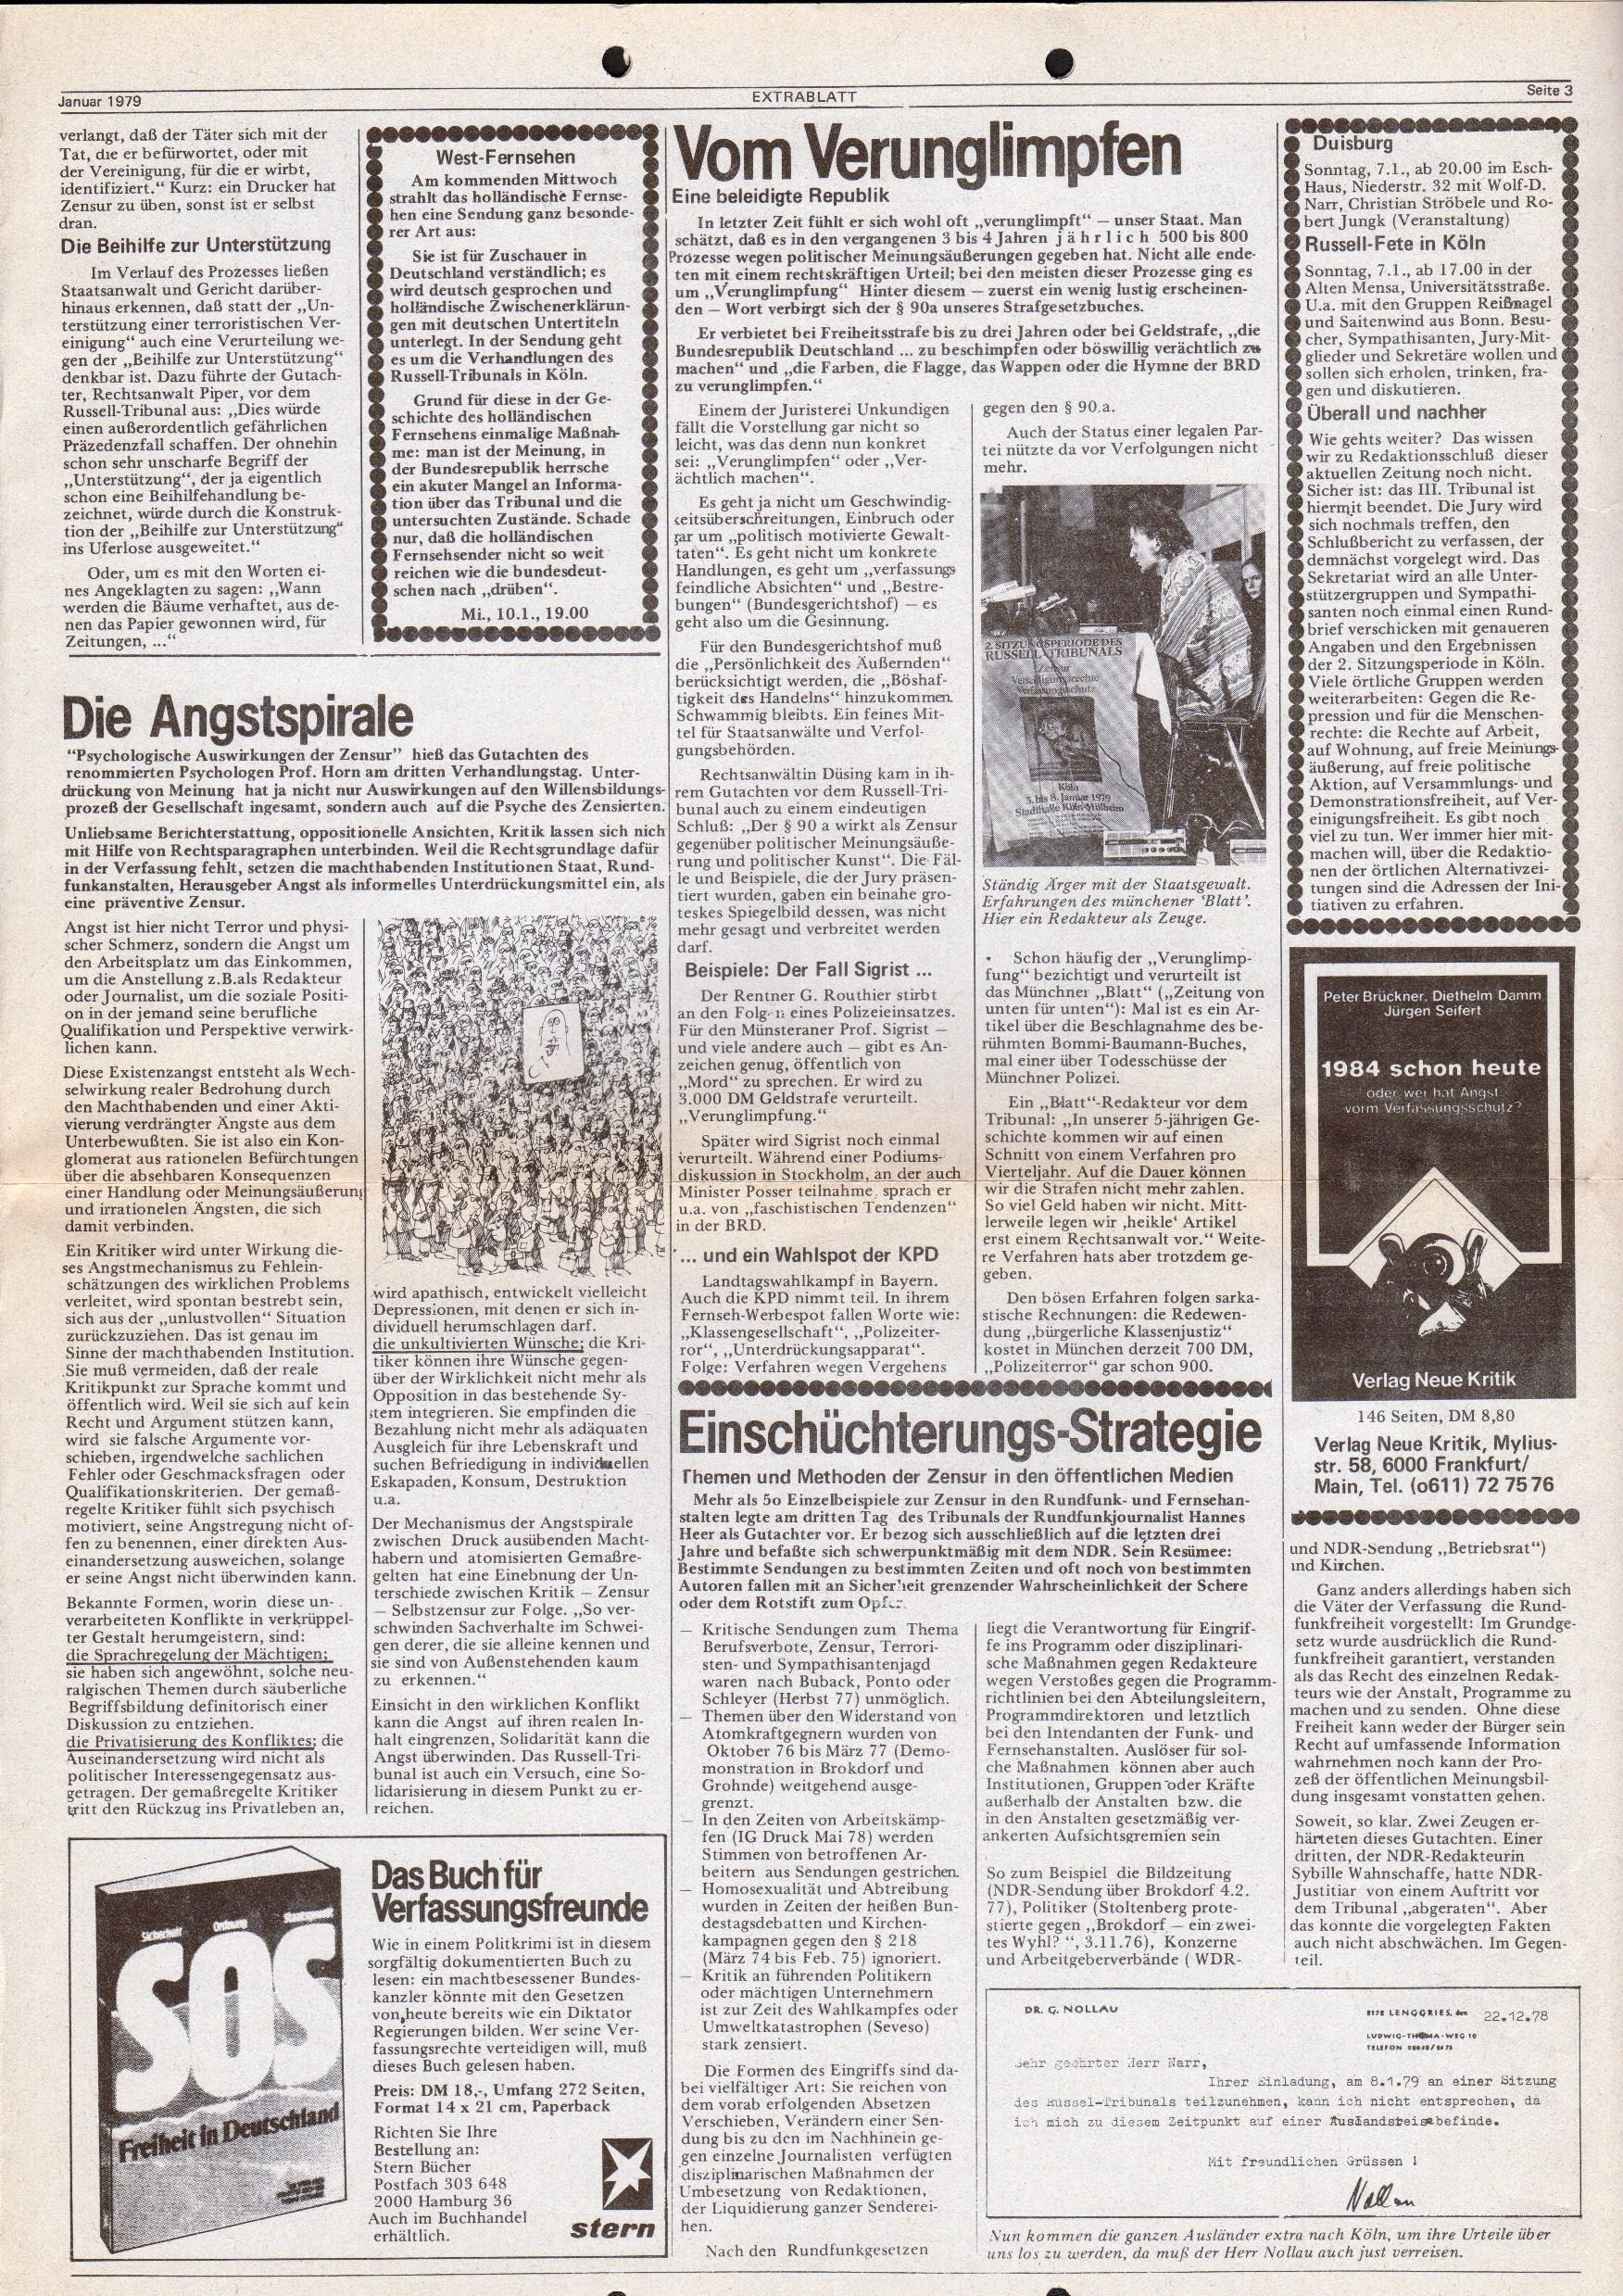 Volksblatt_Extrablatt_zum_Russell_Tribunal_1978_03